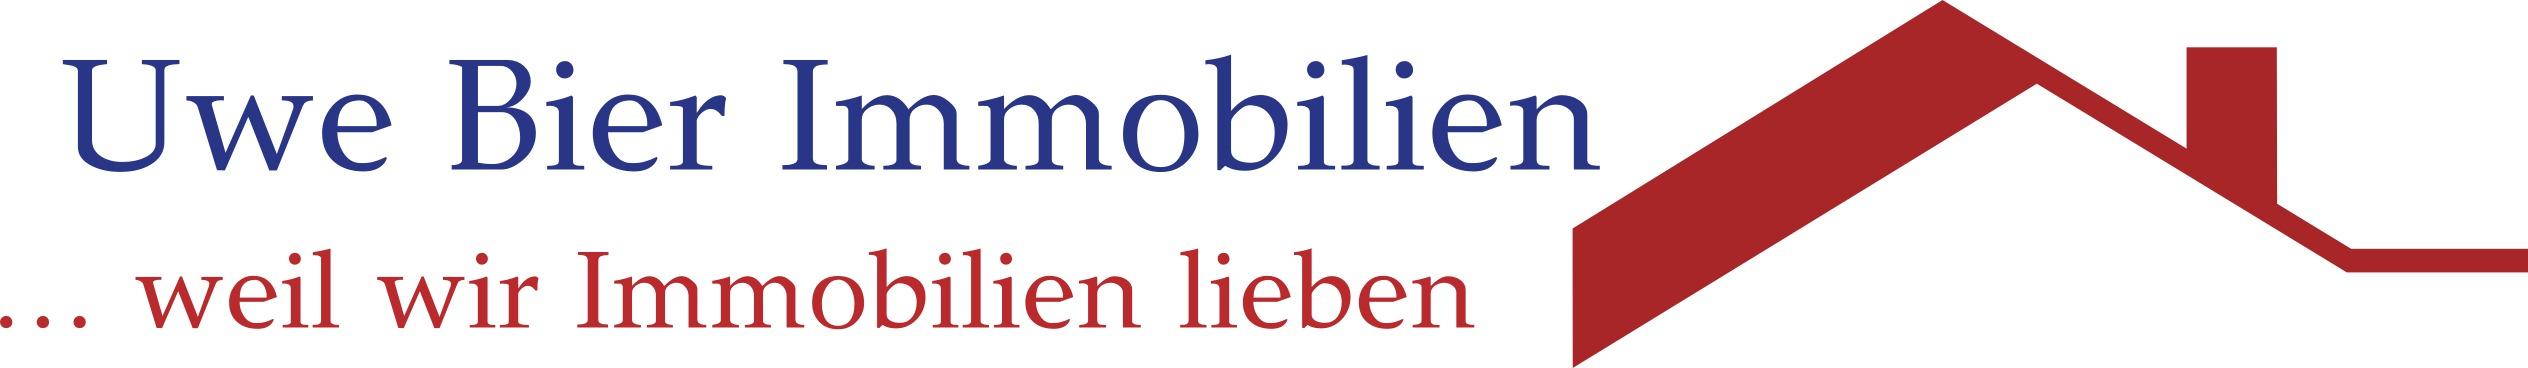 Hier sehen Sie das Logo von Uwe Bier Immobilien